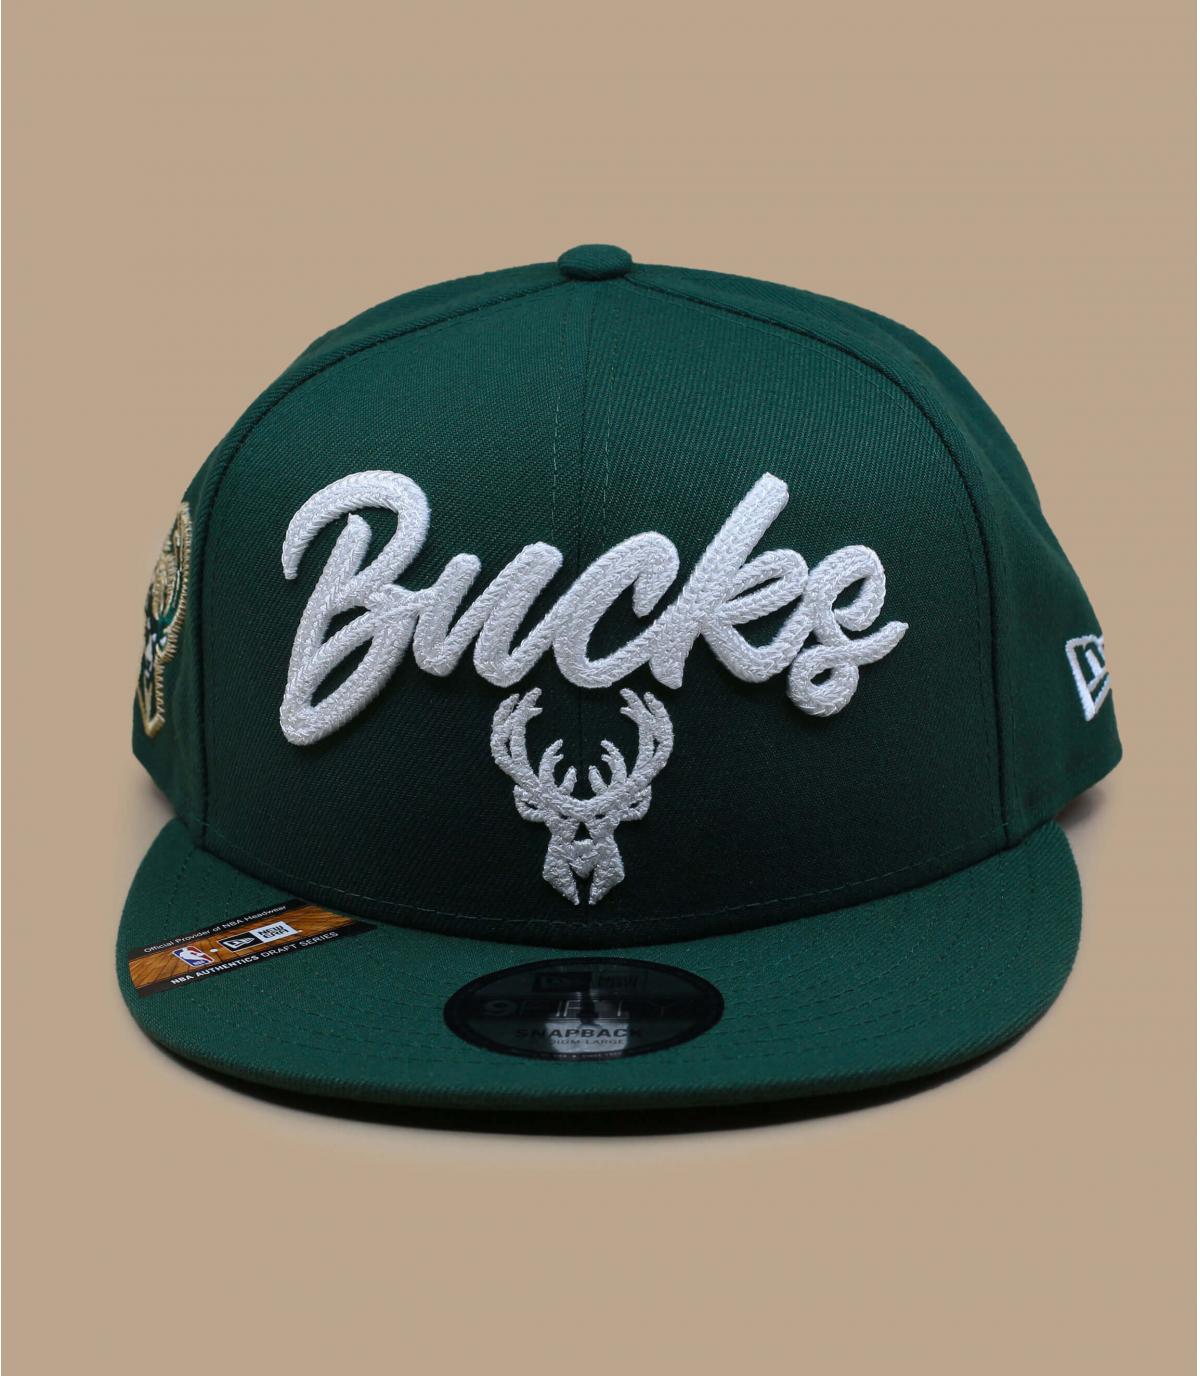 Detalles Snapback NBA Draft Bucks 950 imagen 2